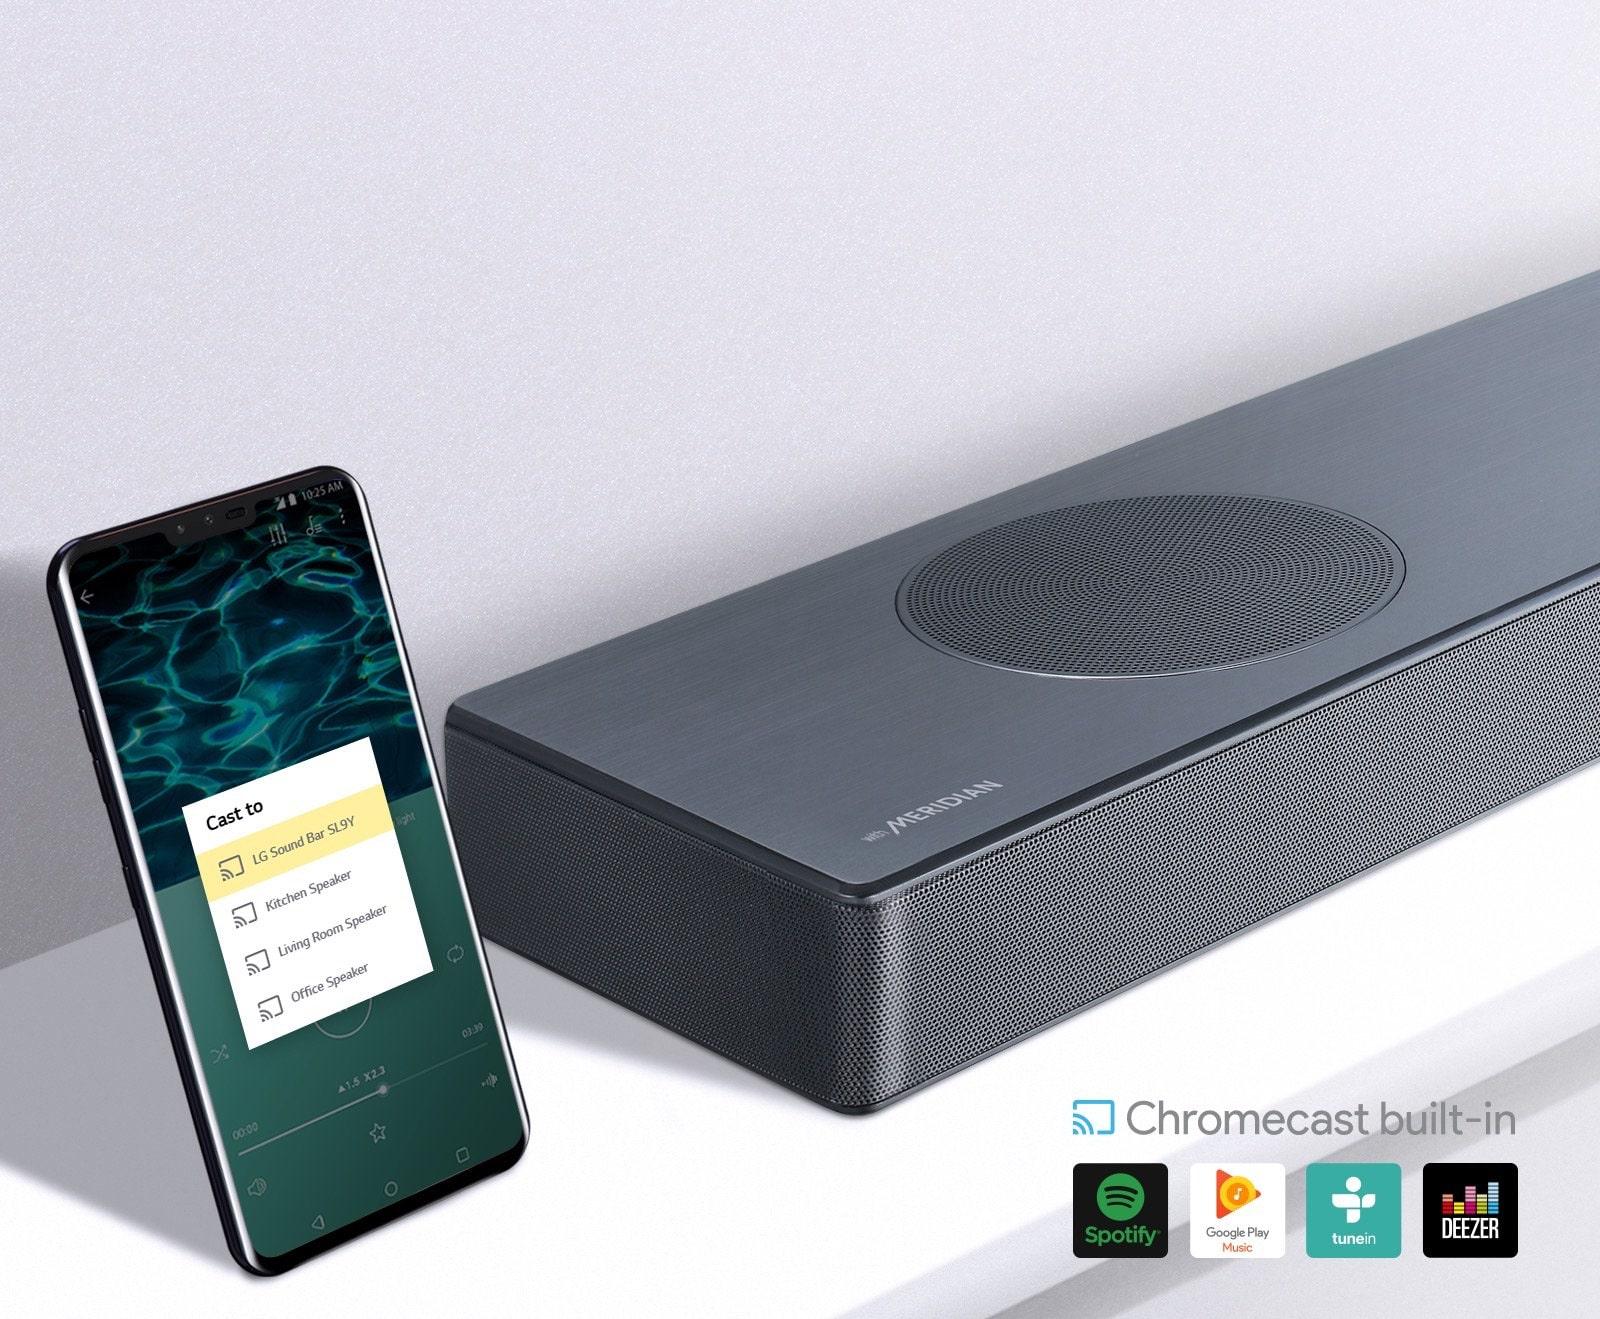 Chromecast intégré1